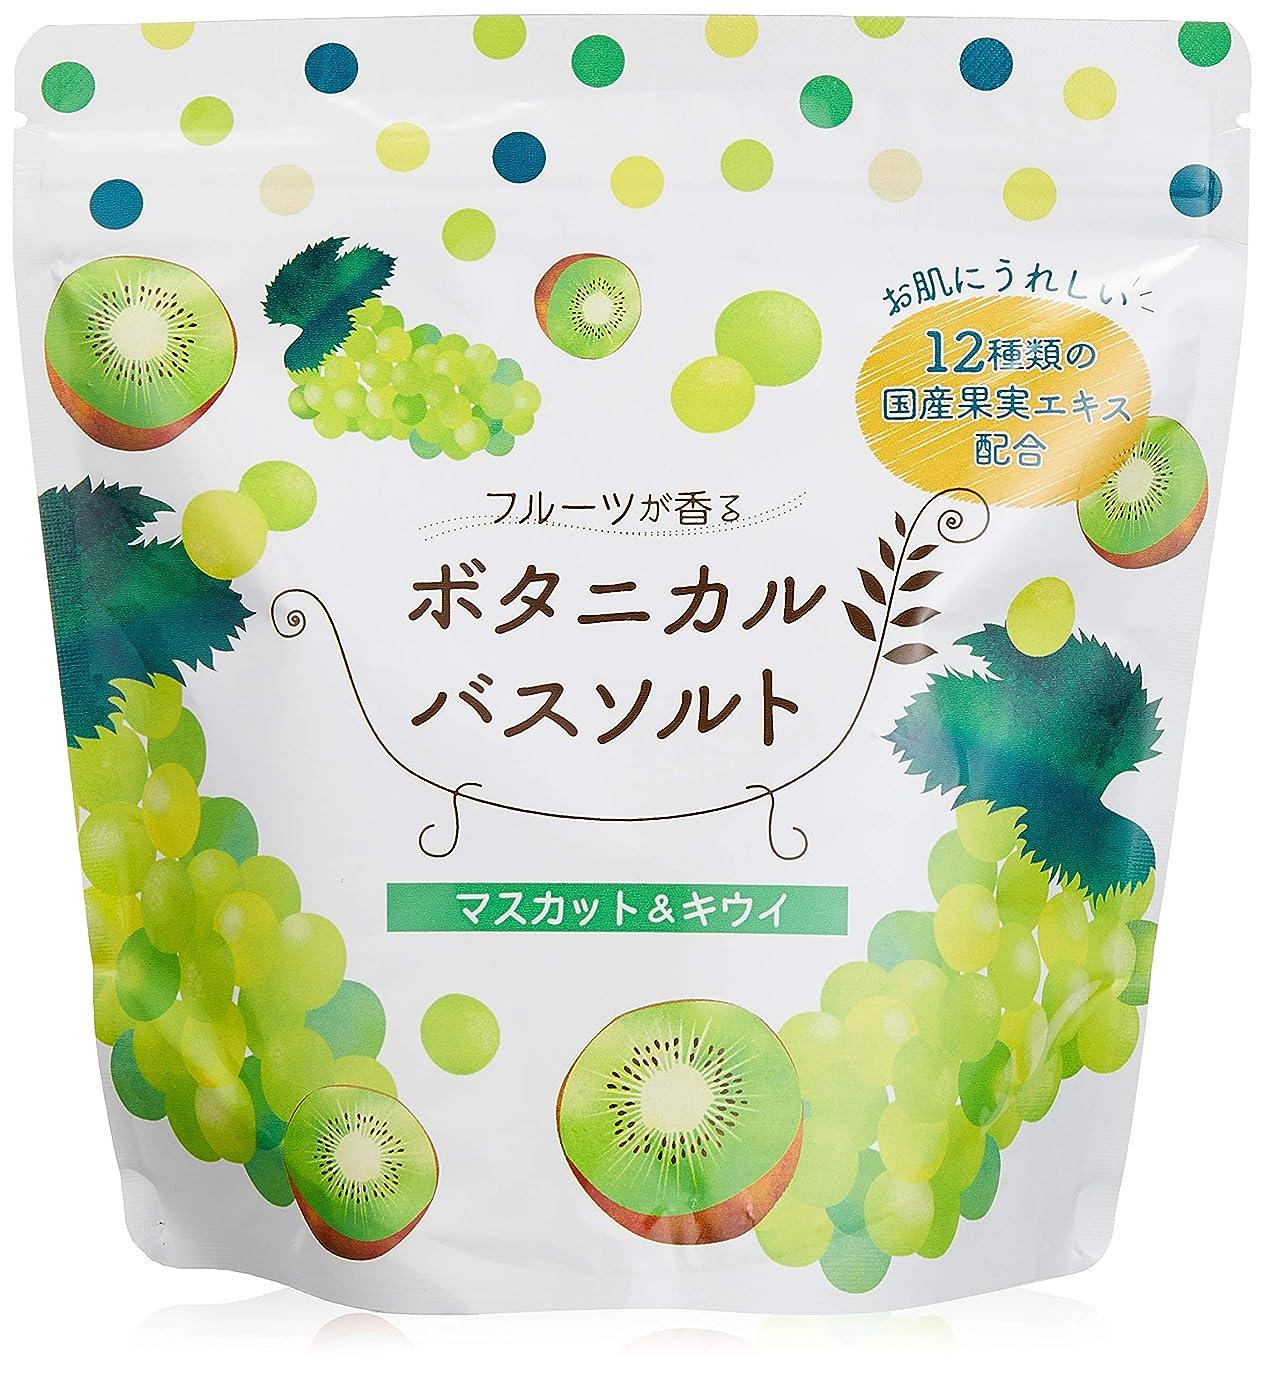 ひどいオーロックある松田医薬品 フルーツが香るボタニカルバスソルト マスカット&キウイ 450g